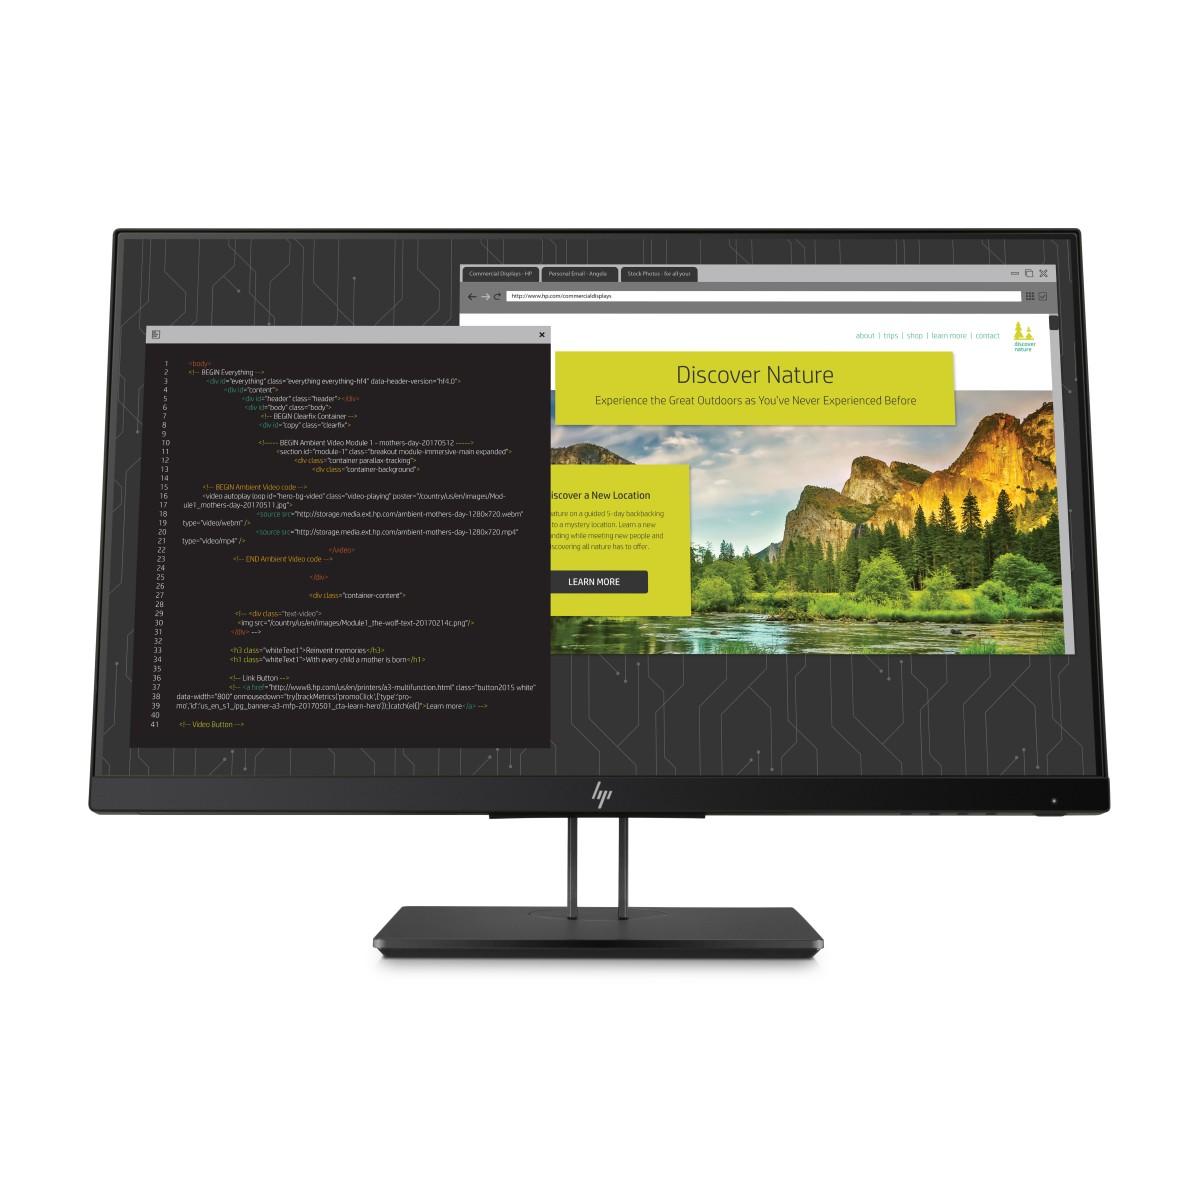 HP Z24nf 23.8